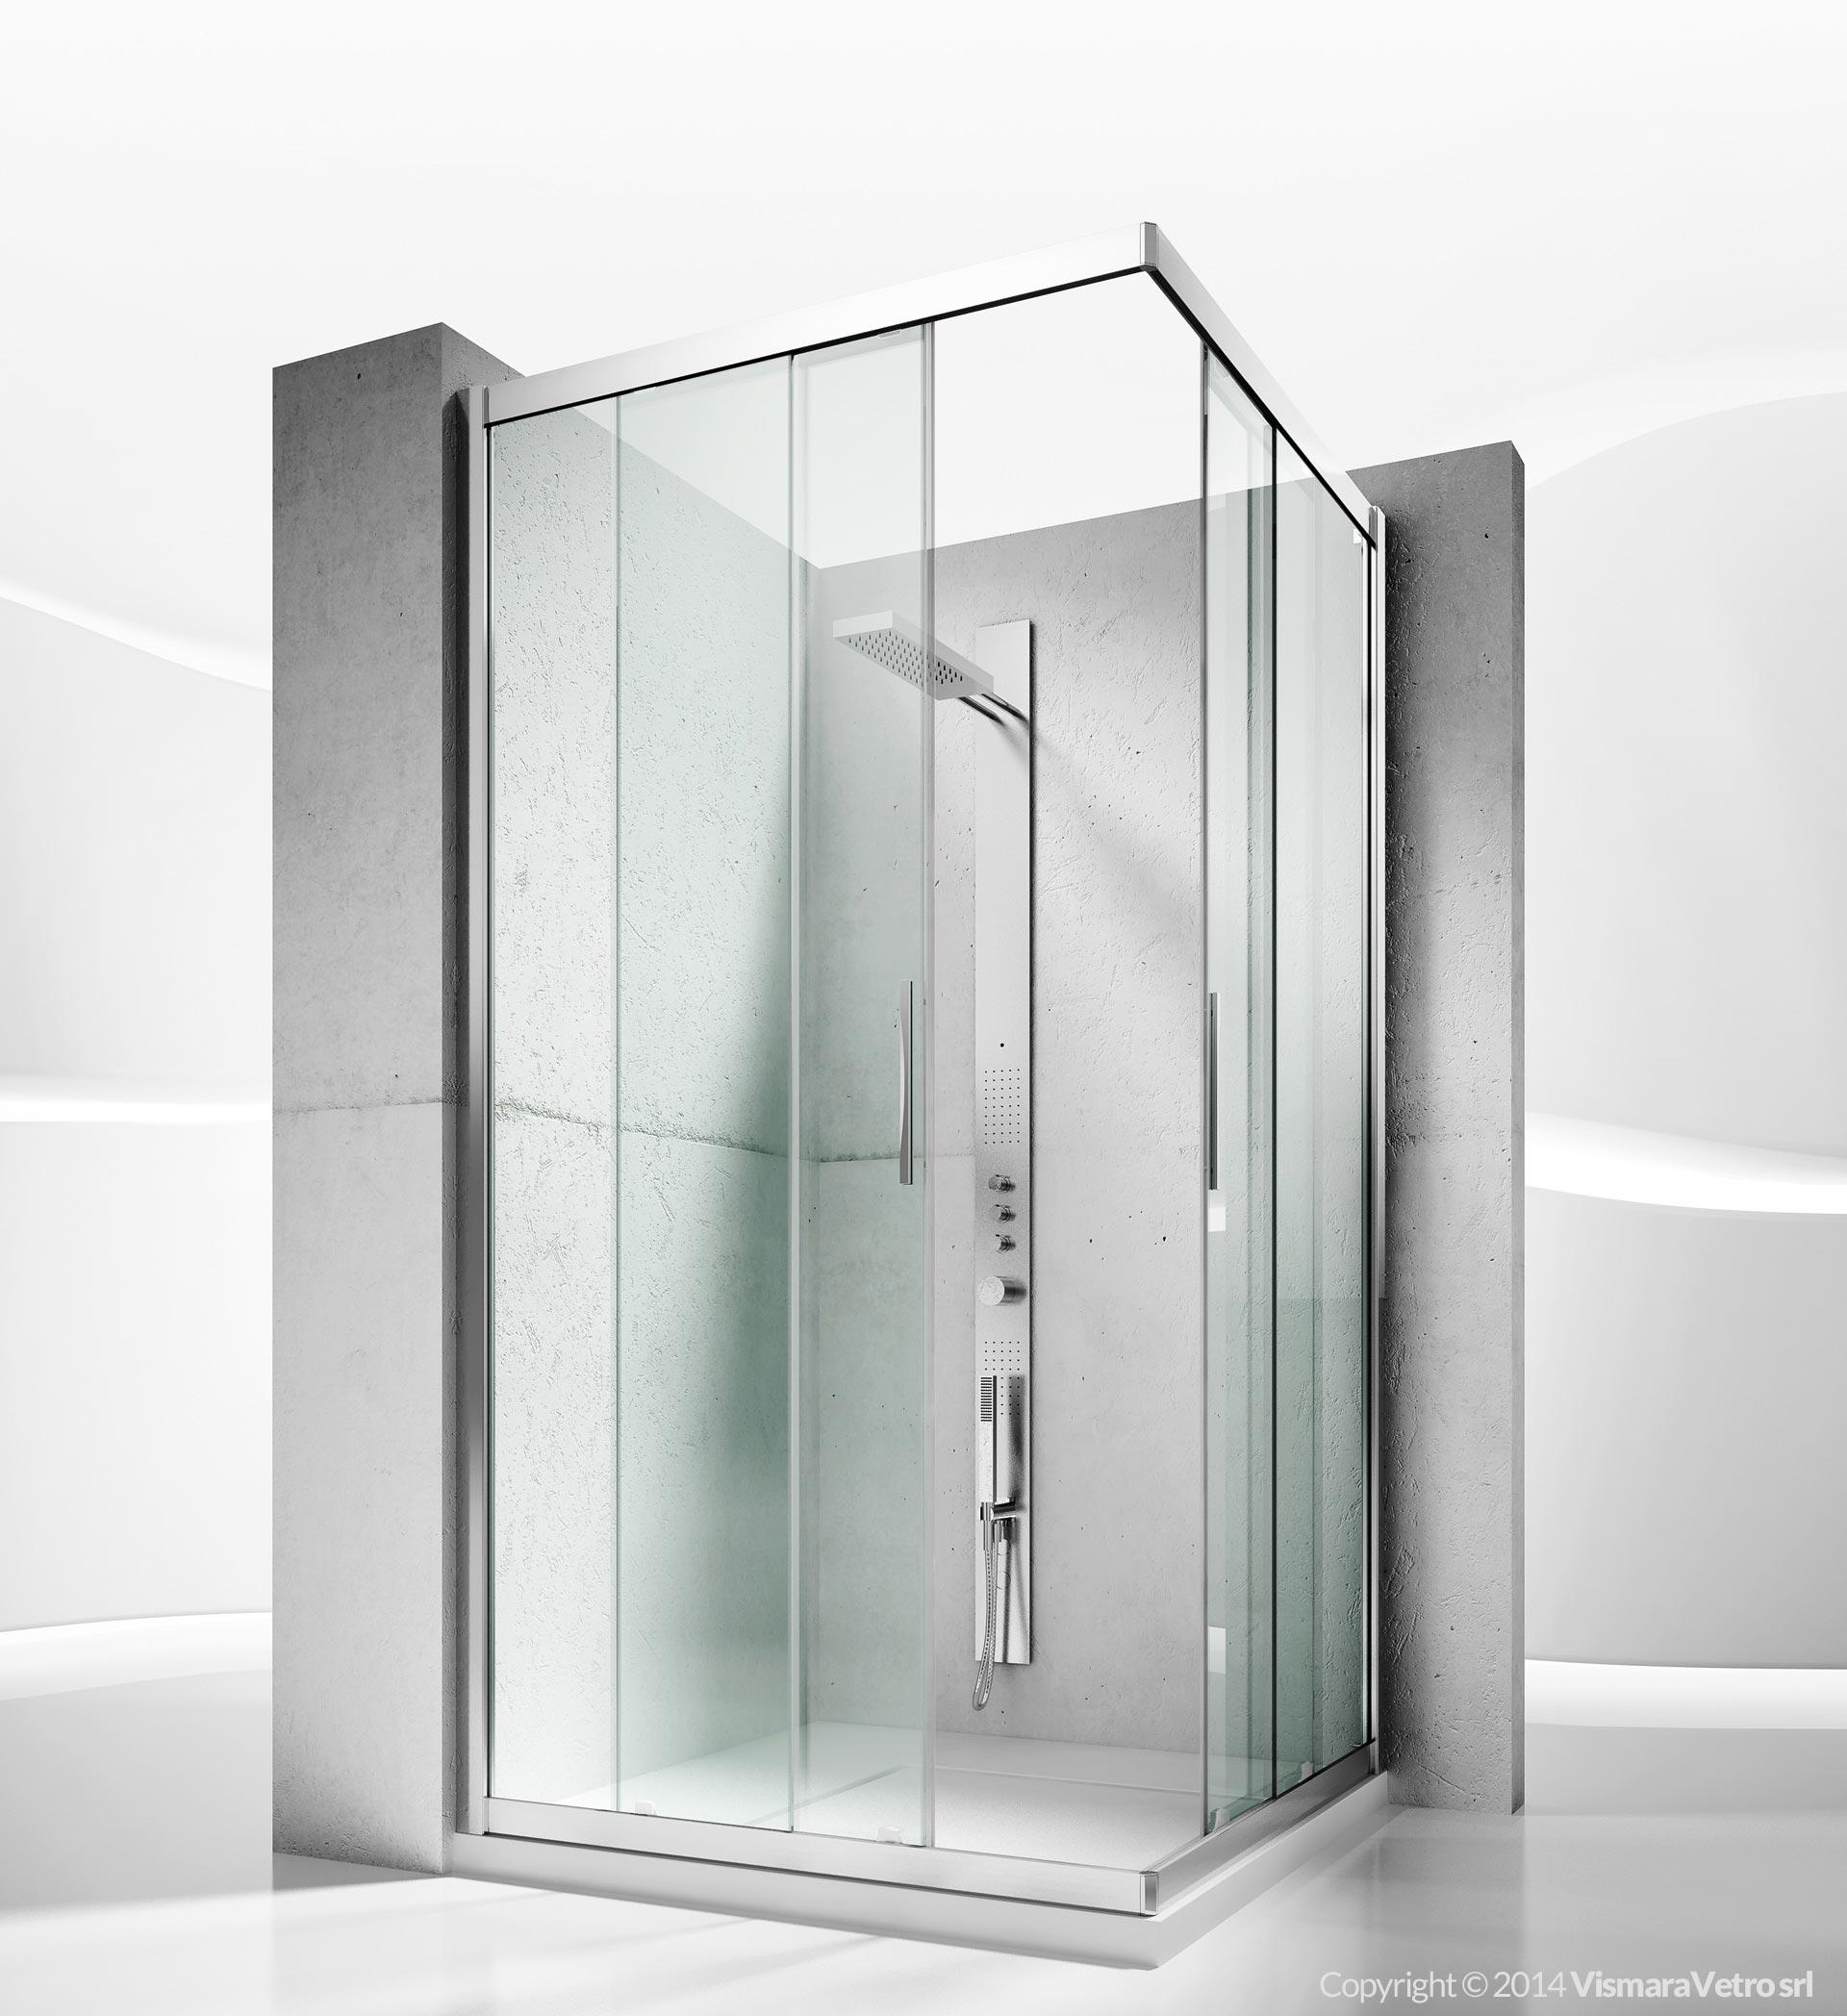 Modello 6200 installazione ad angolo - Costruire box doccia ...